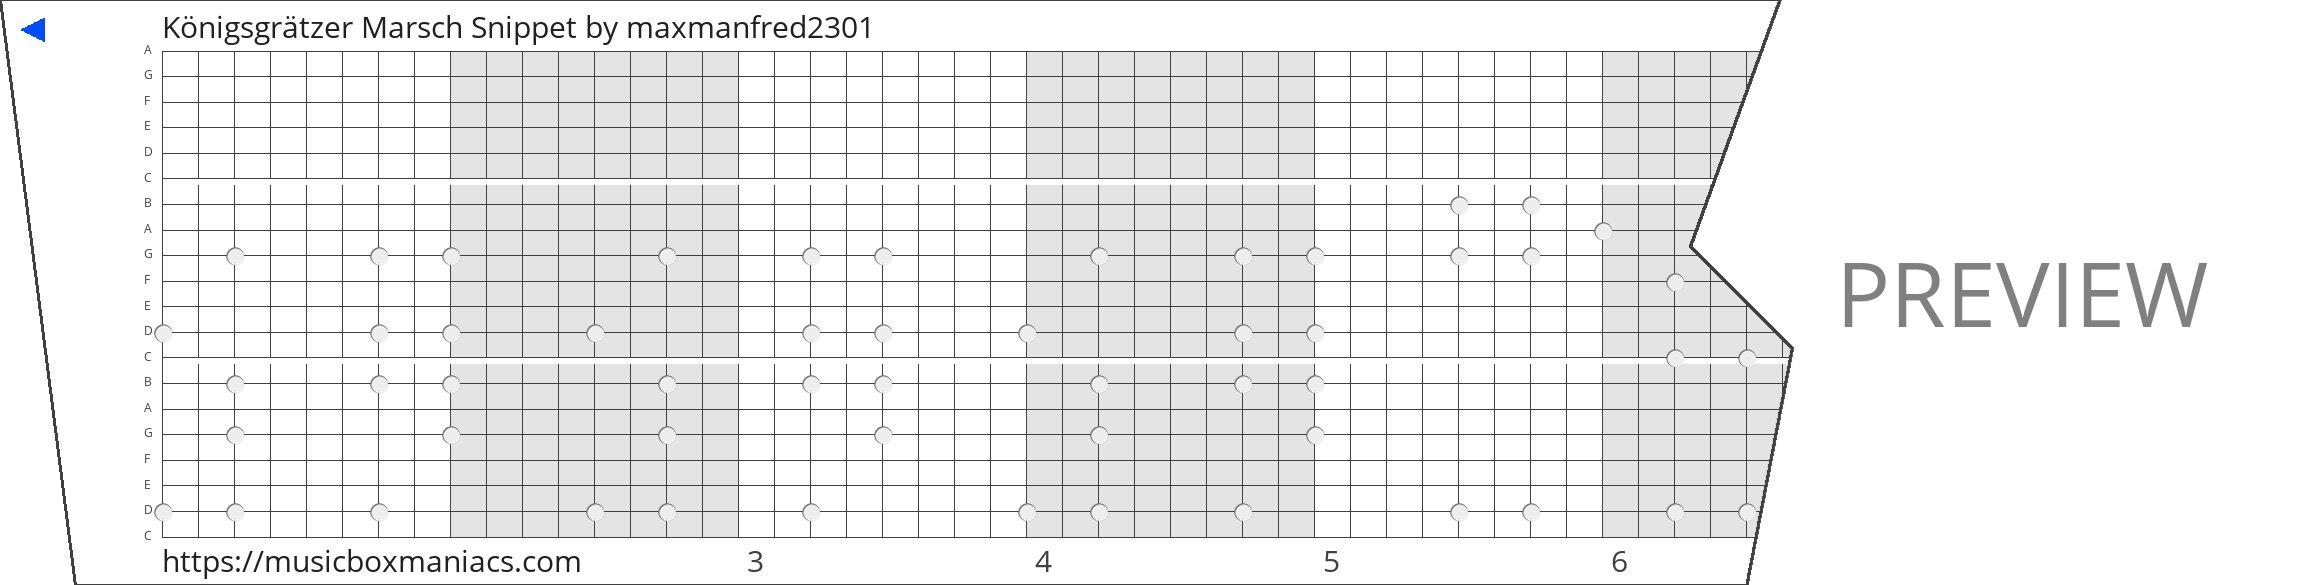 Königsgrätzer Marsch Snippet 20 note music box paper strip